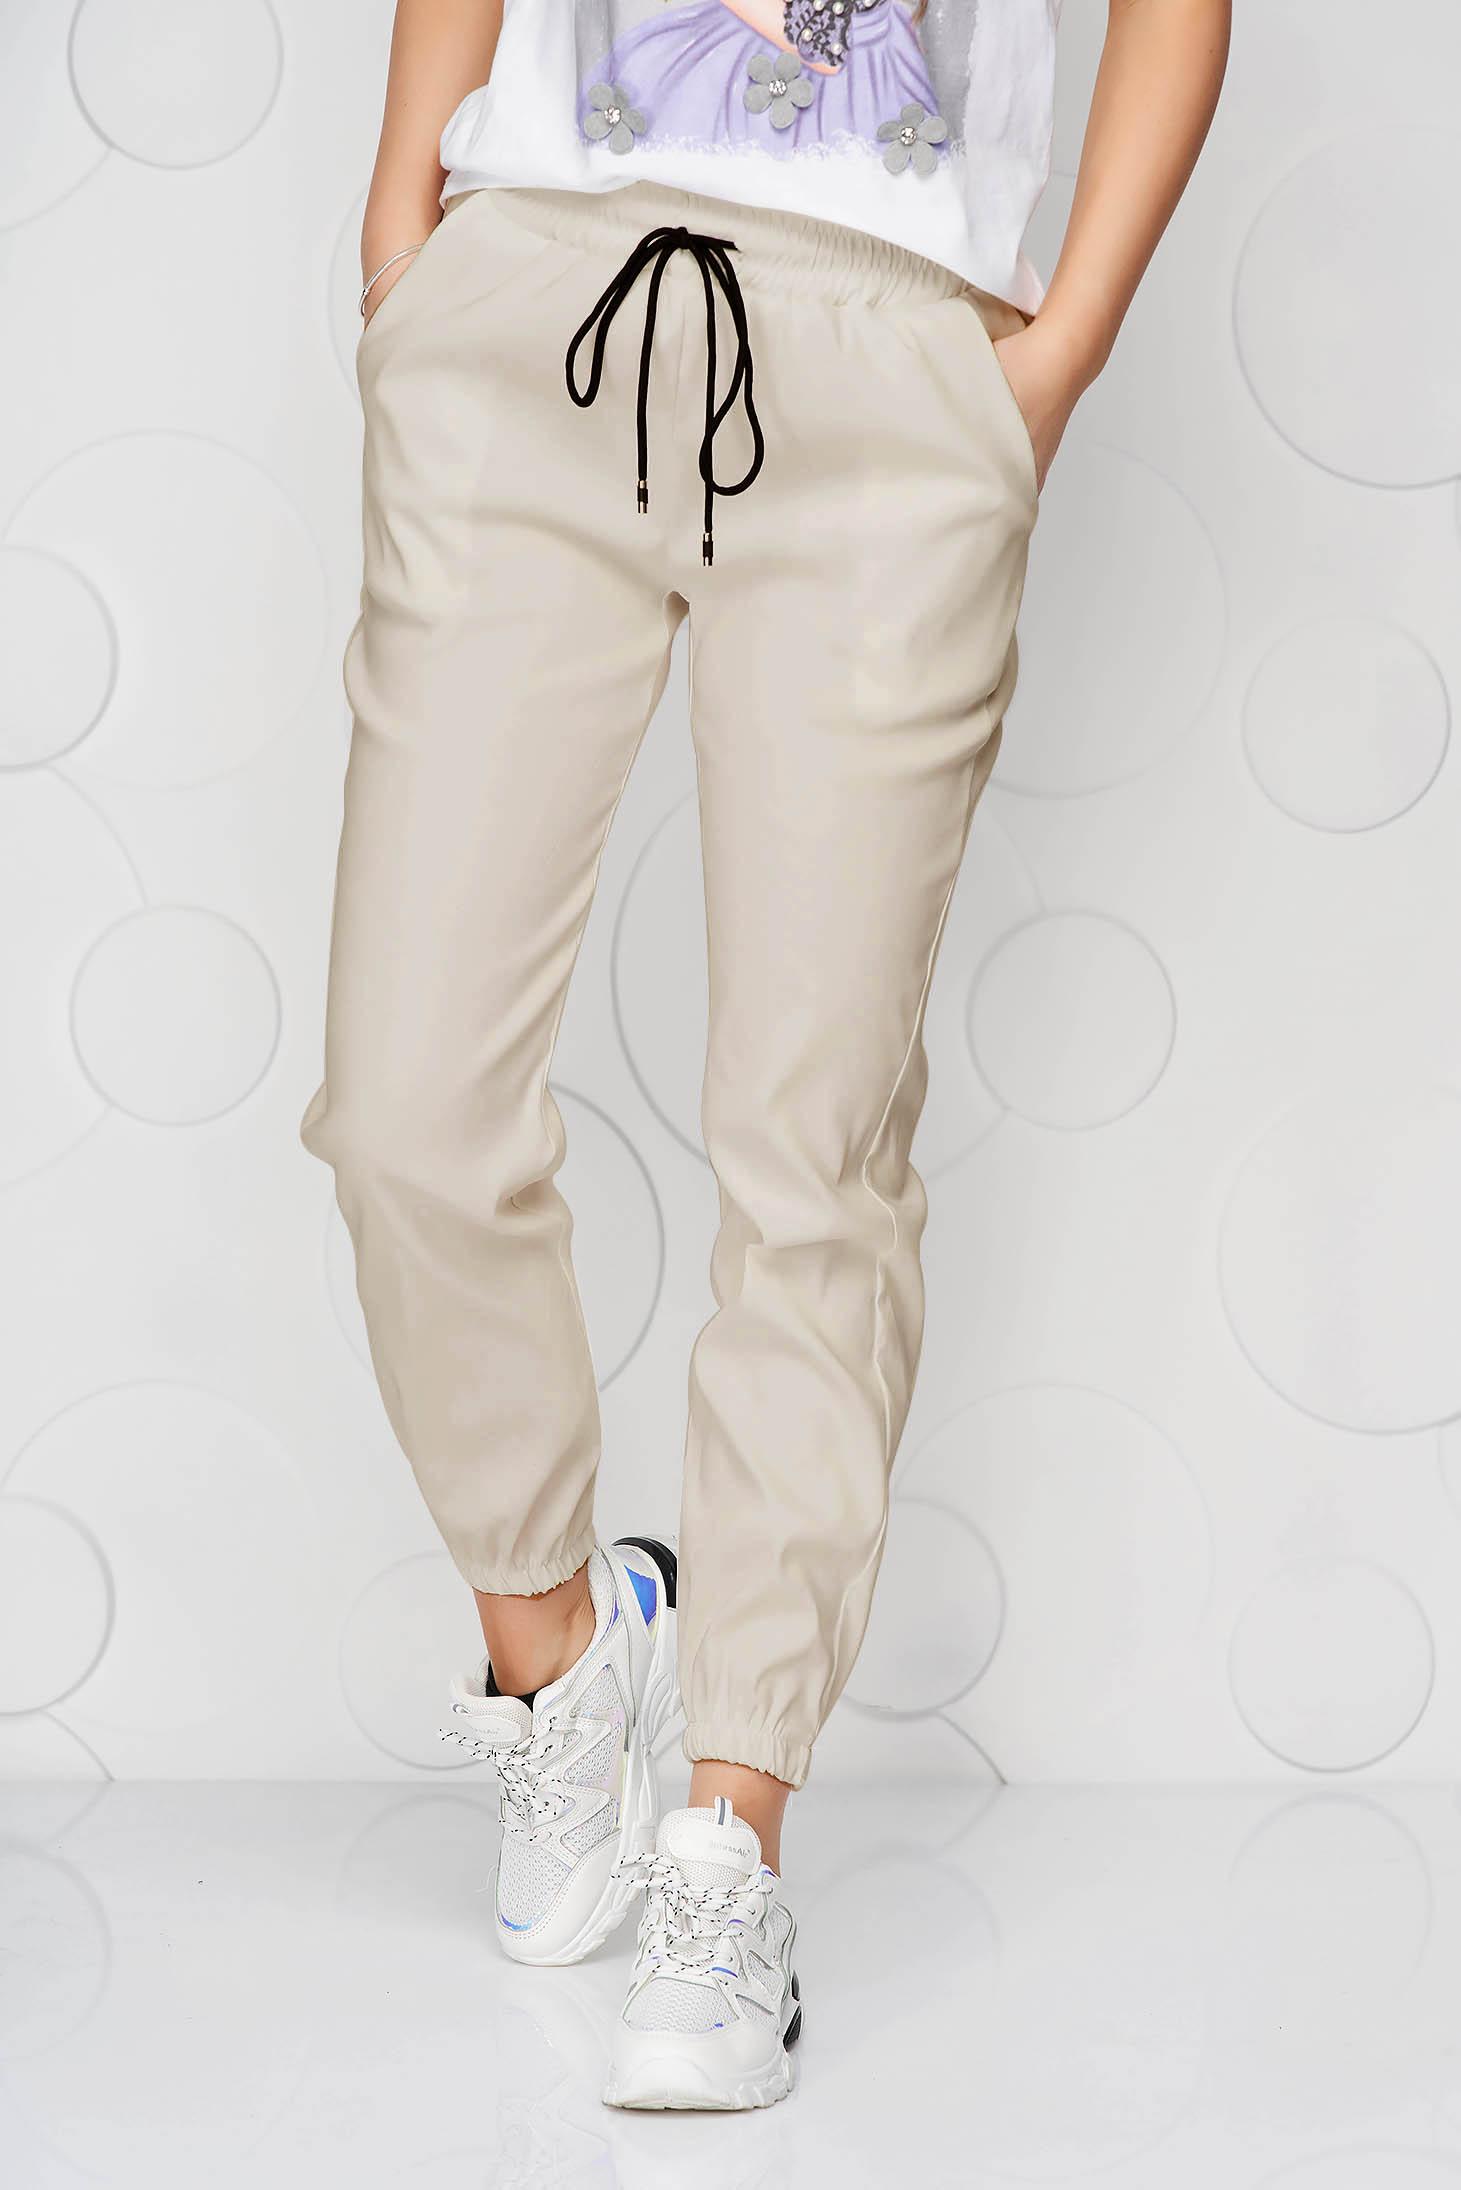 Krémszínű casual középmagas derekú nadrág zsebekkel vékony anyag